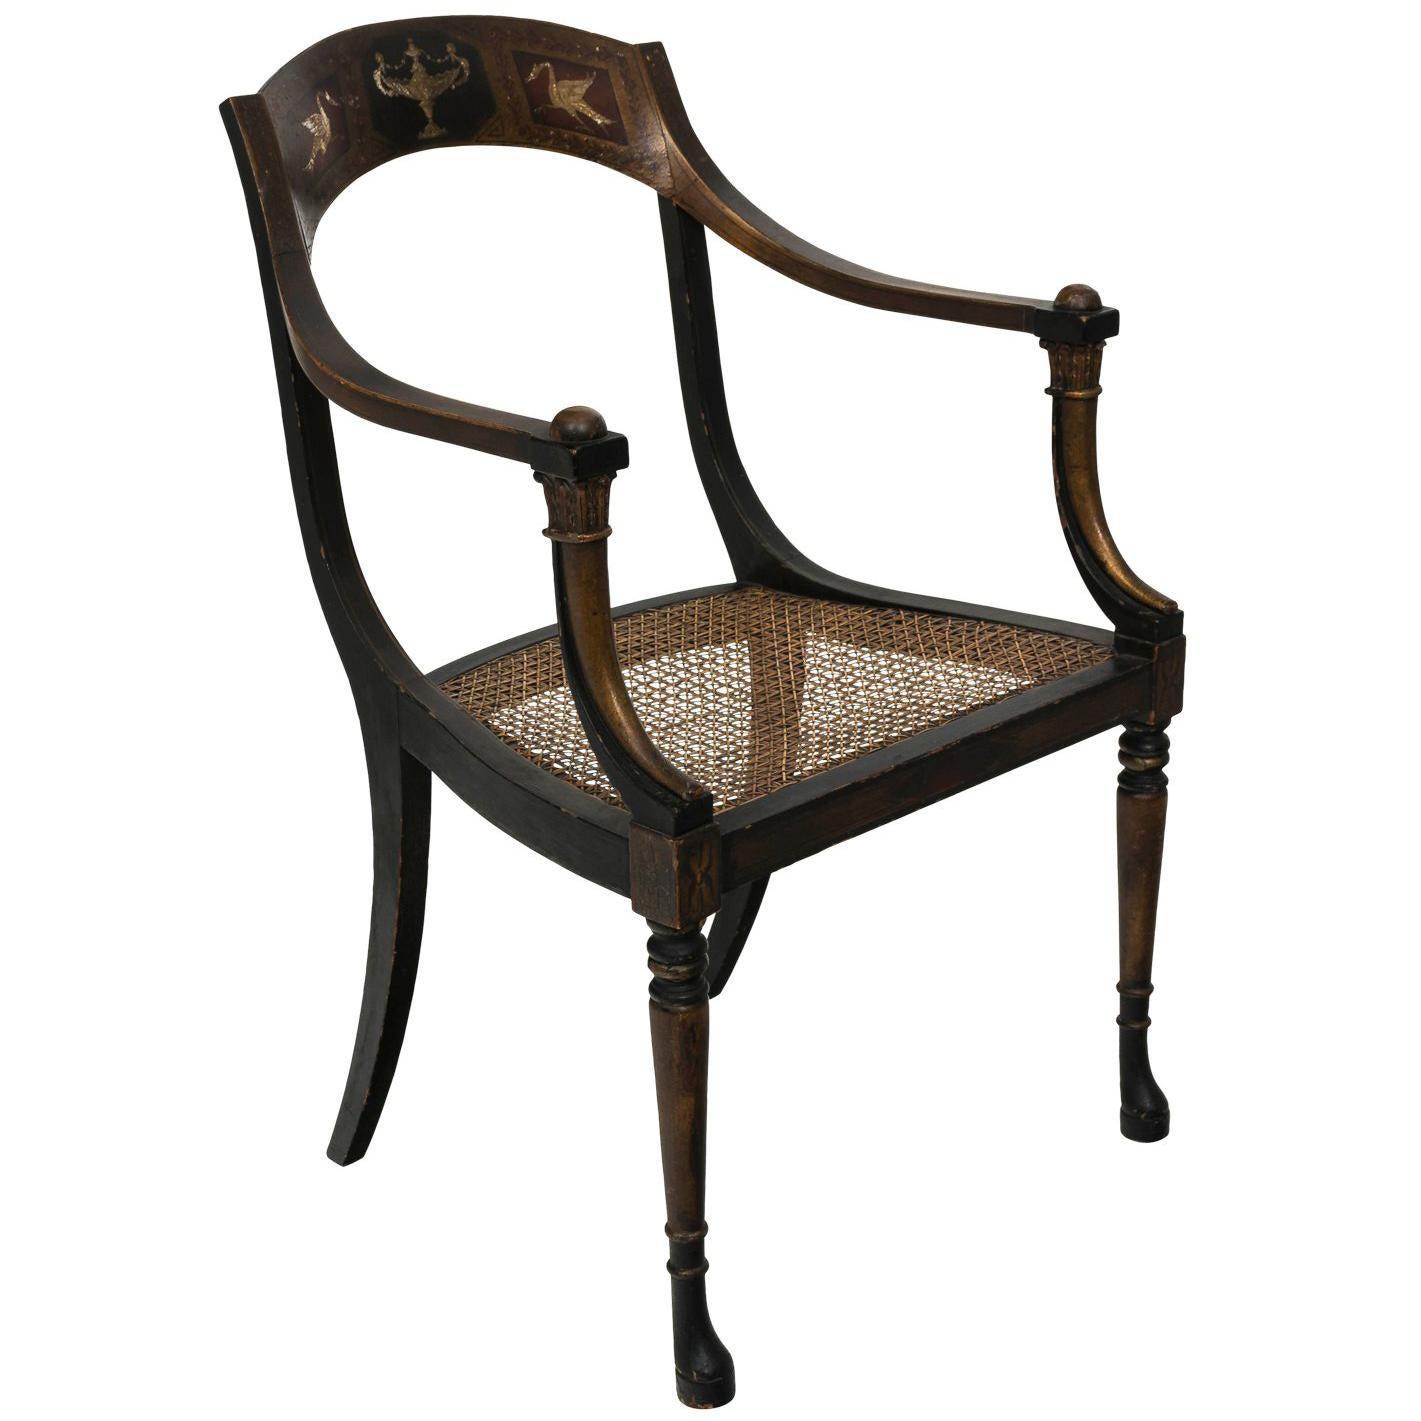 Bon Neoclassical Chair, Circa 1920s